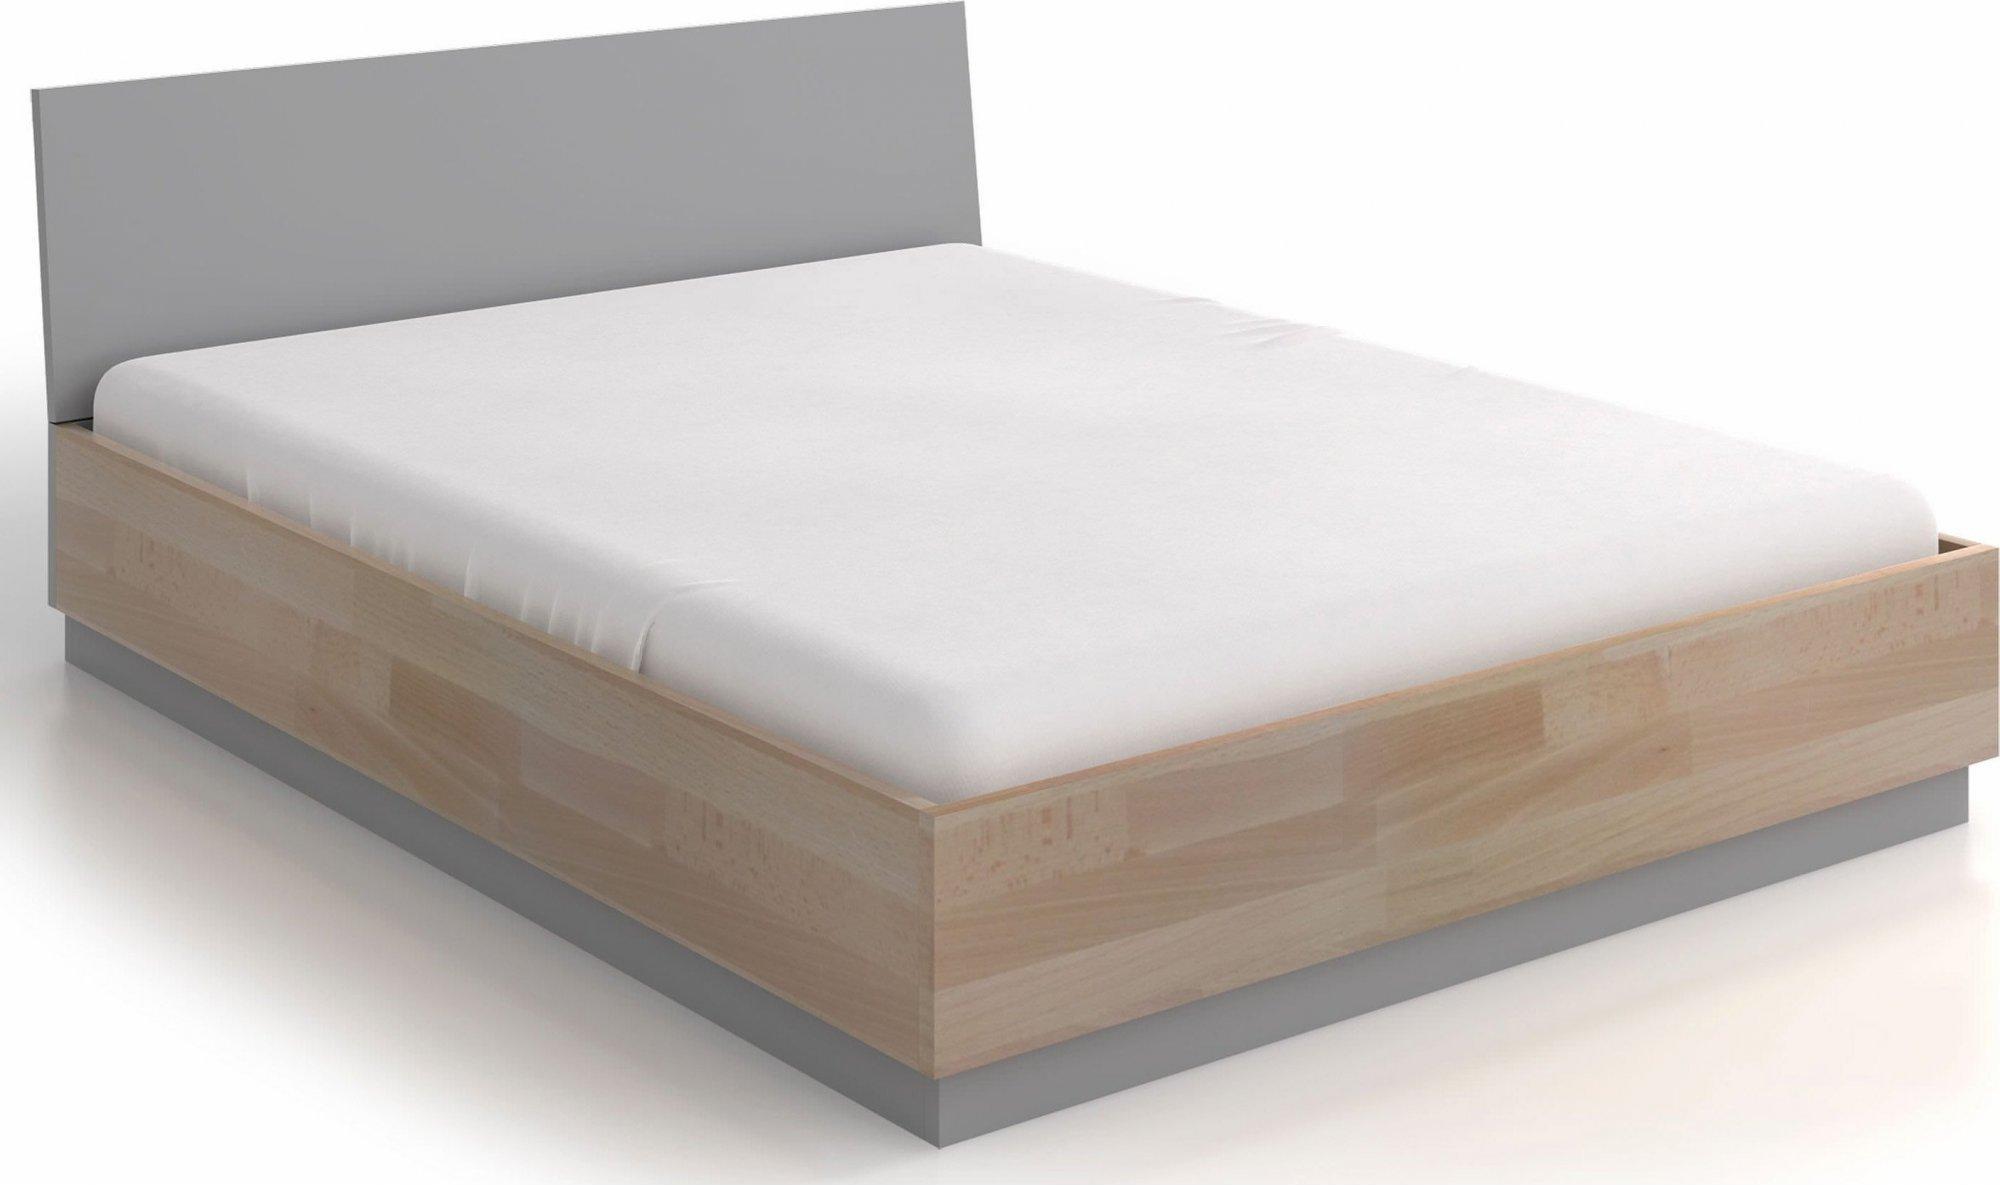 Lit avec tête de lit et sommier bois massif clair 90x200cm